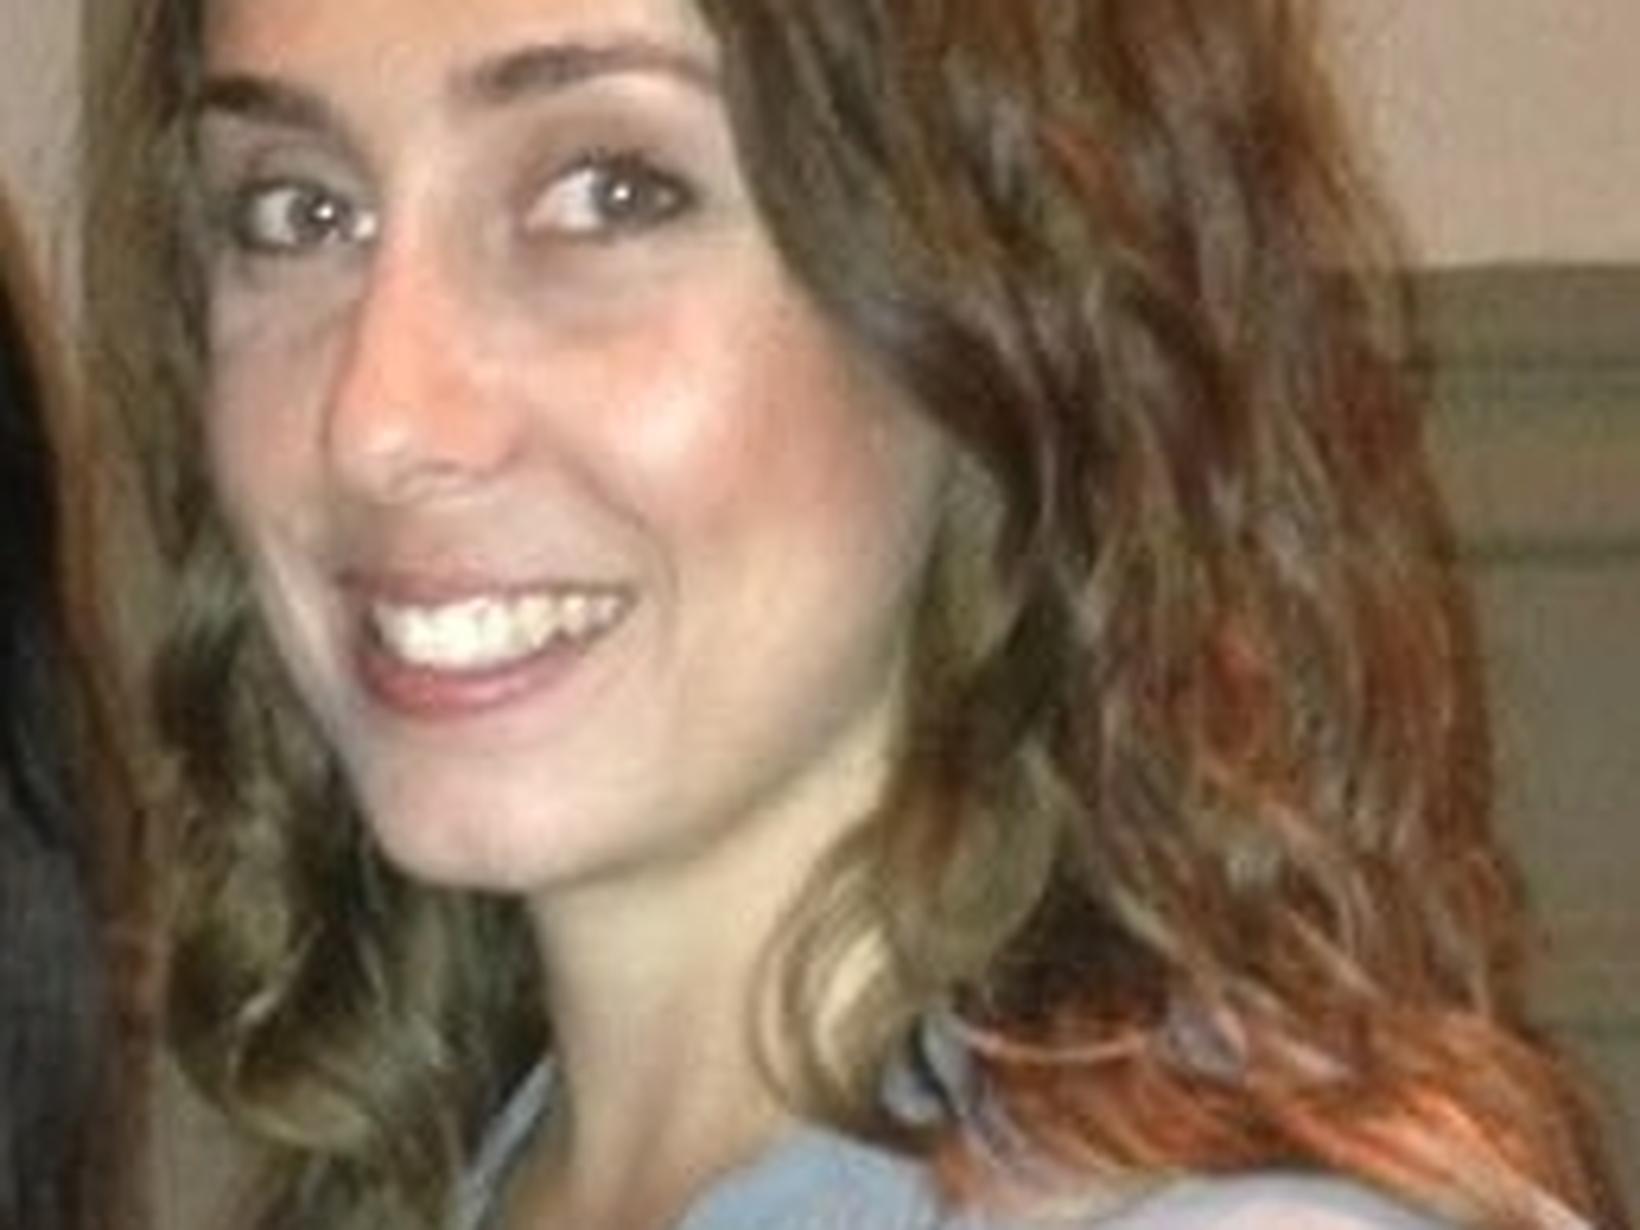 Nina from Seattle, Washington, United States